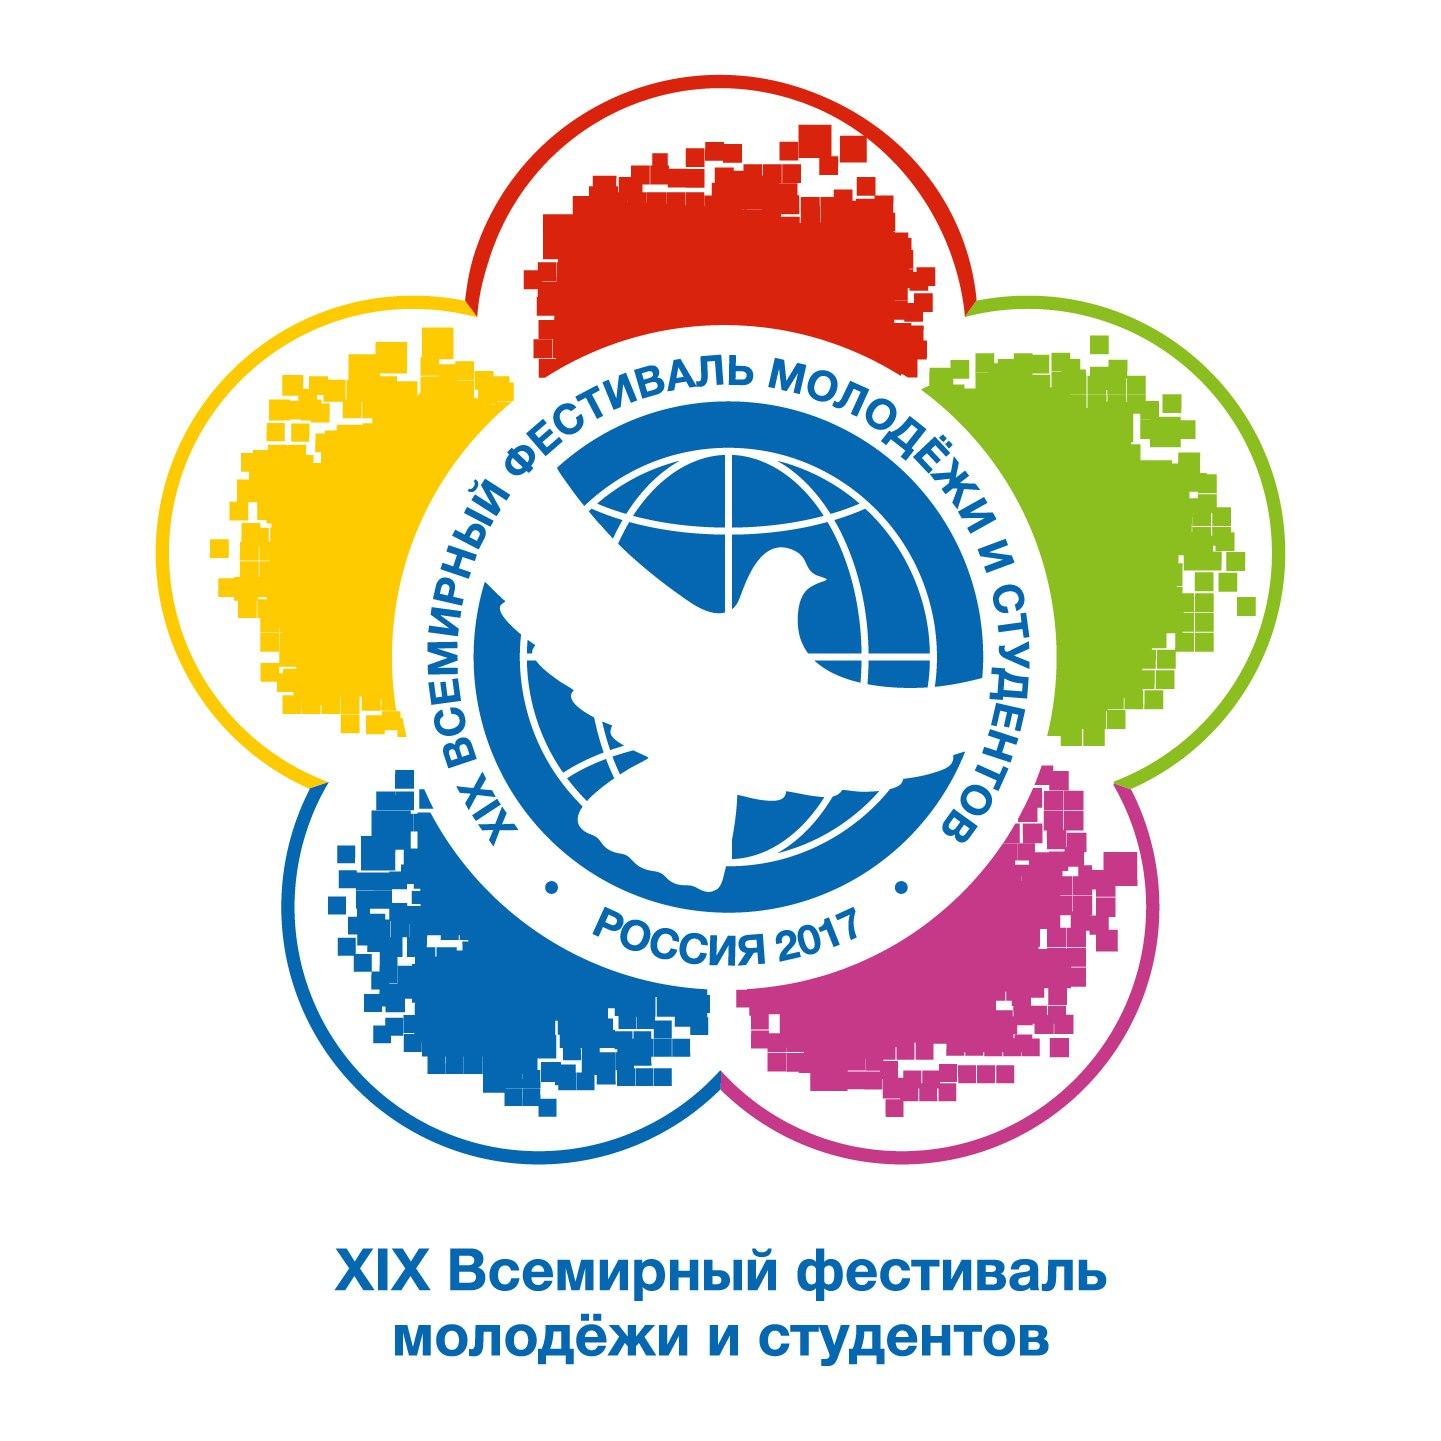 Фестиваль молодежи значки